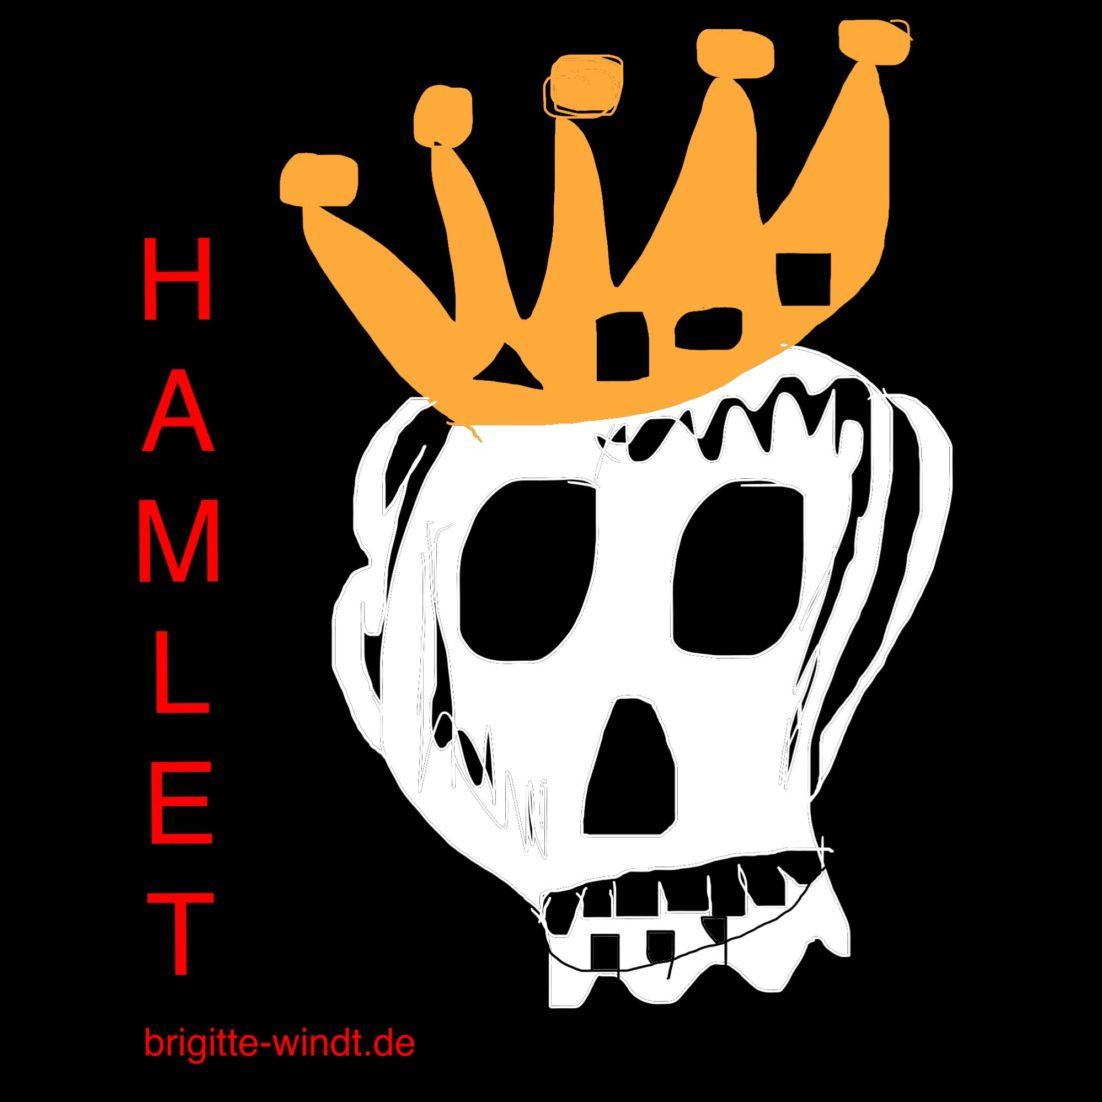 HAMLET Brigitte Windt. Weißer Totenschädel mit goldener Krone auf schwarzem Grund. Hamlet in leuchtendem Rot.